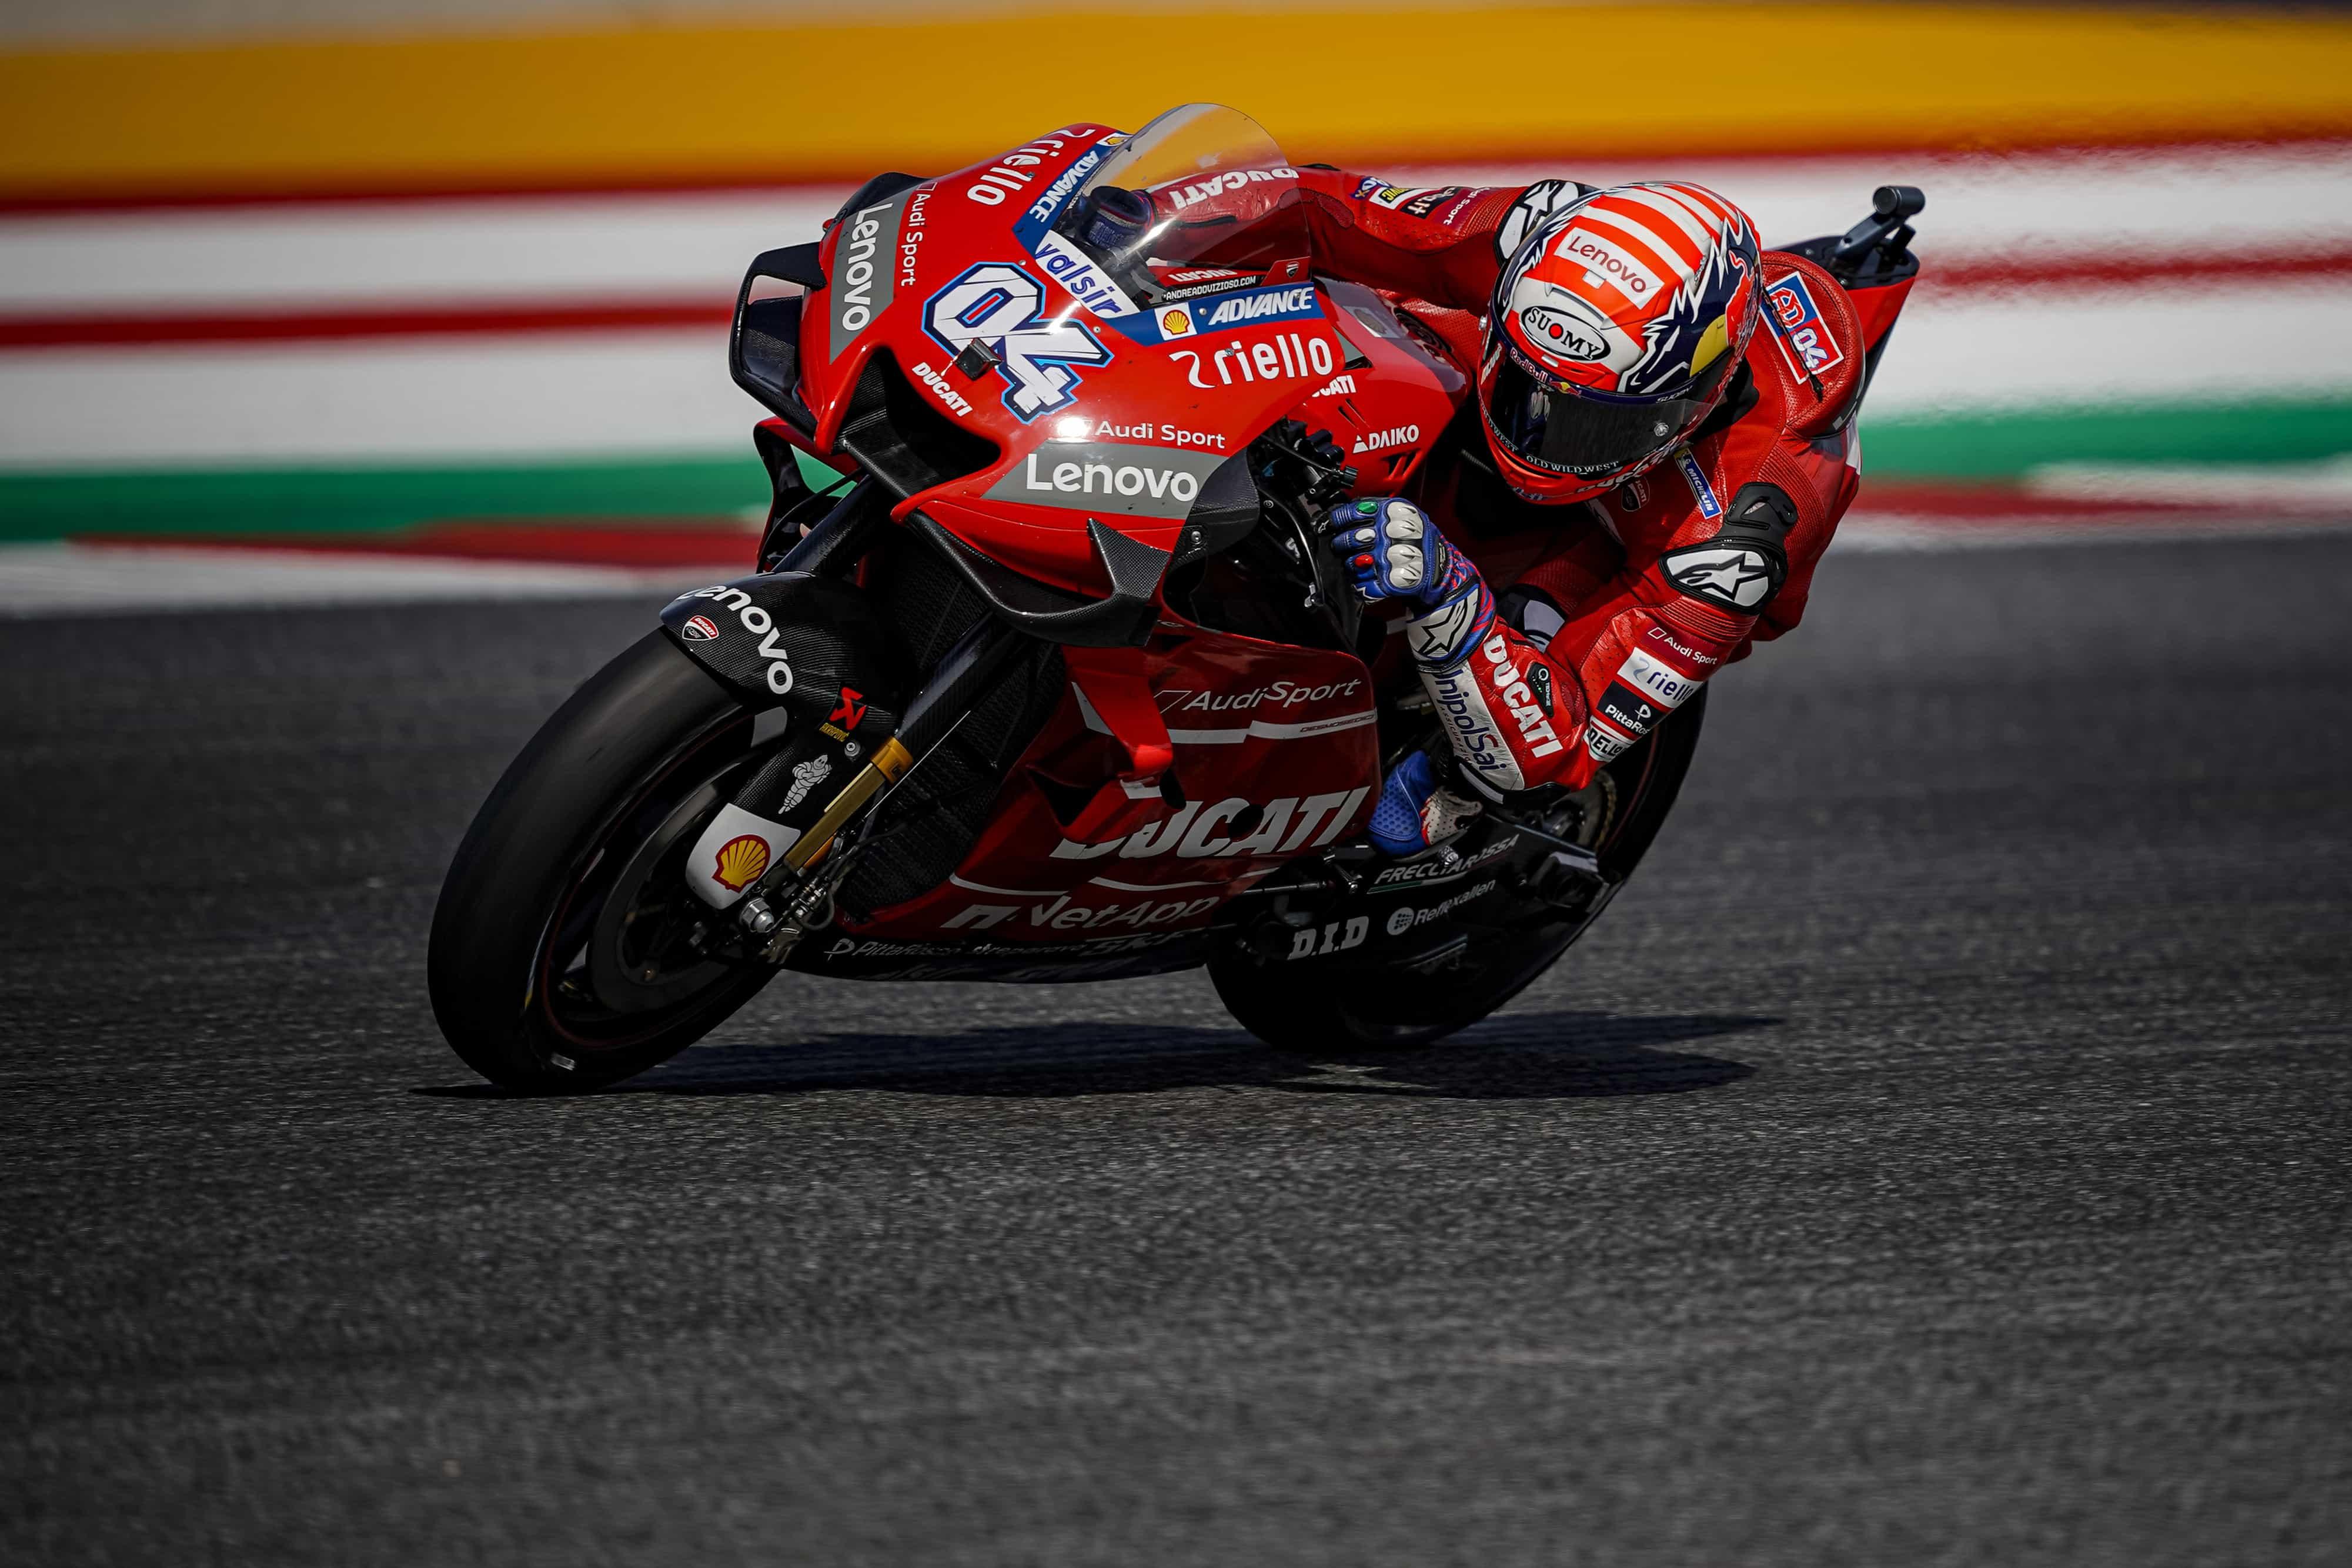 MotoGP第13戦のサンマリノGPで、ドヴィツィオーゾが6位、ペトルッチは10位でフィニッシュしてランキング3位に復帰、ピッロはクラッシュしてリタイア